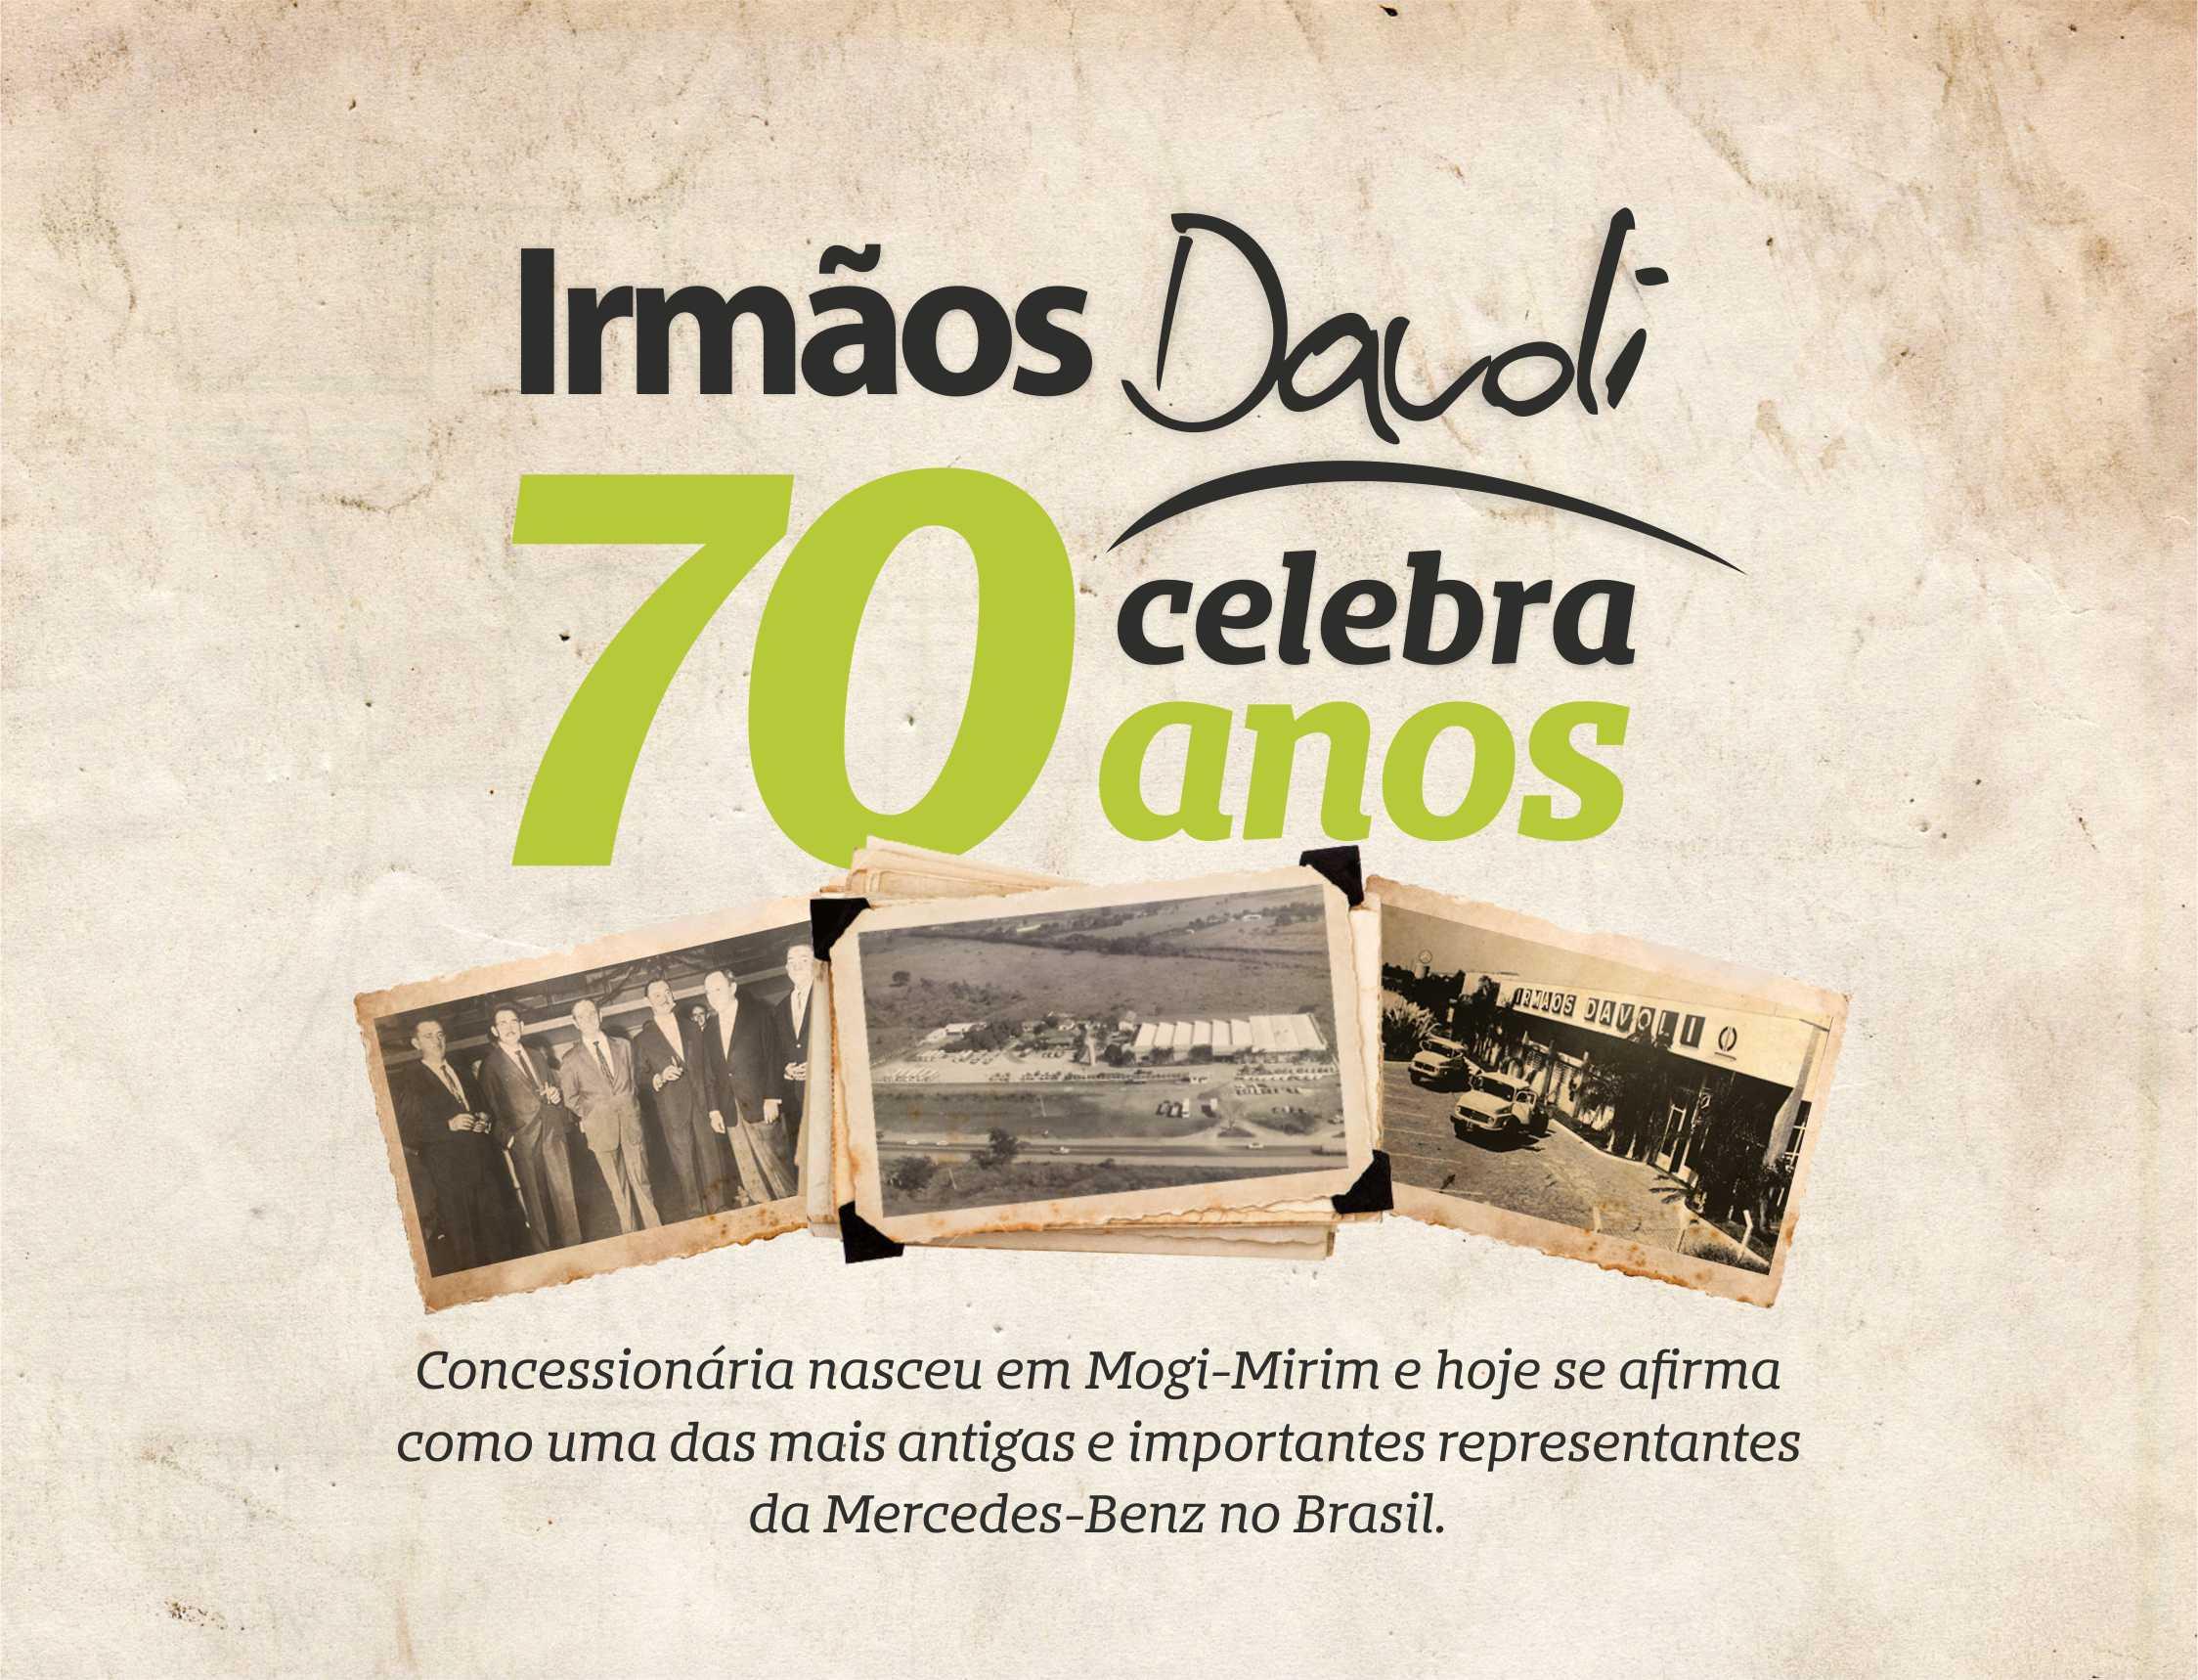 Irmãos Davoli celebra 70 anos